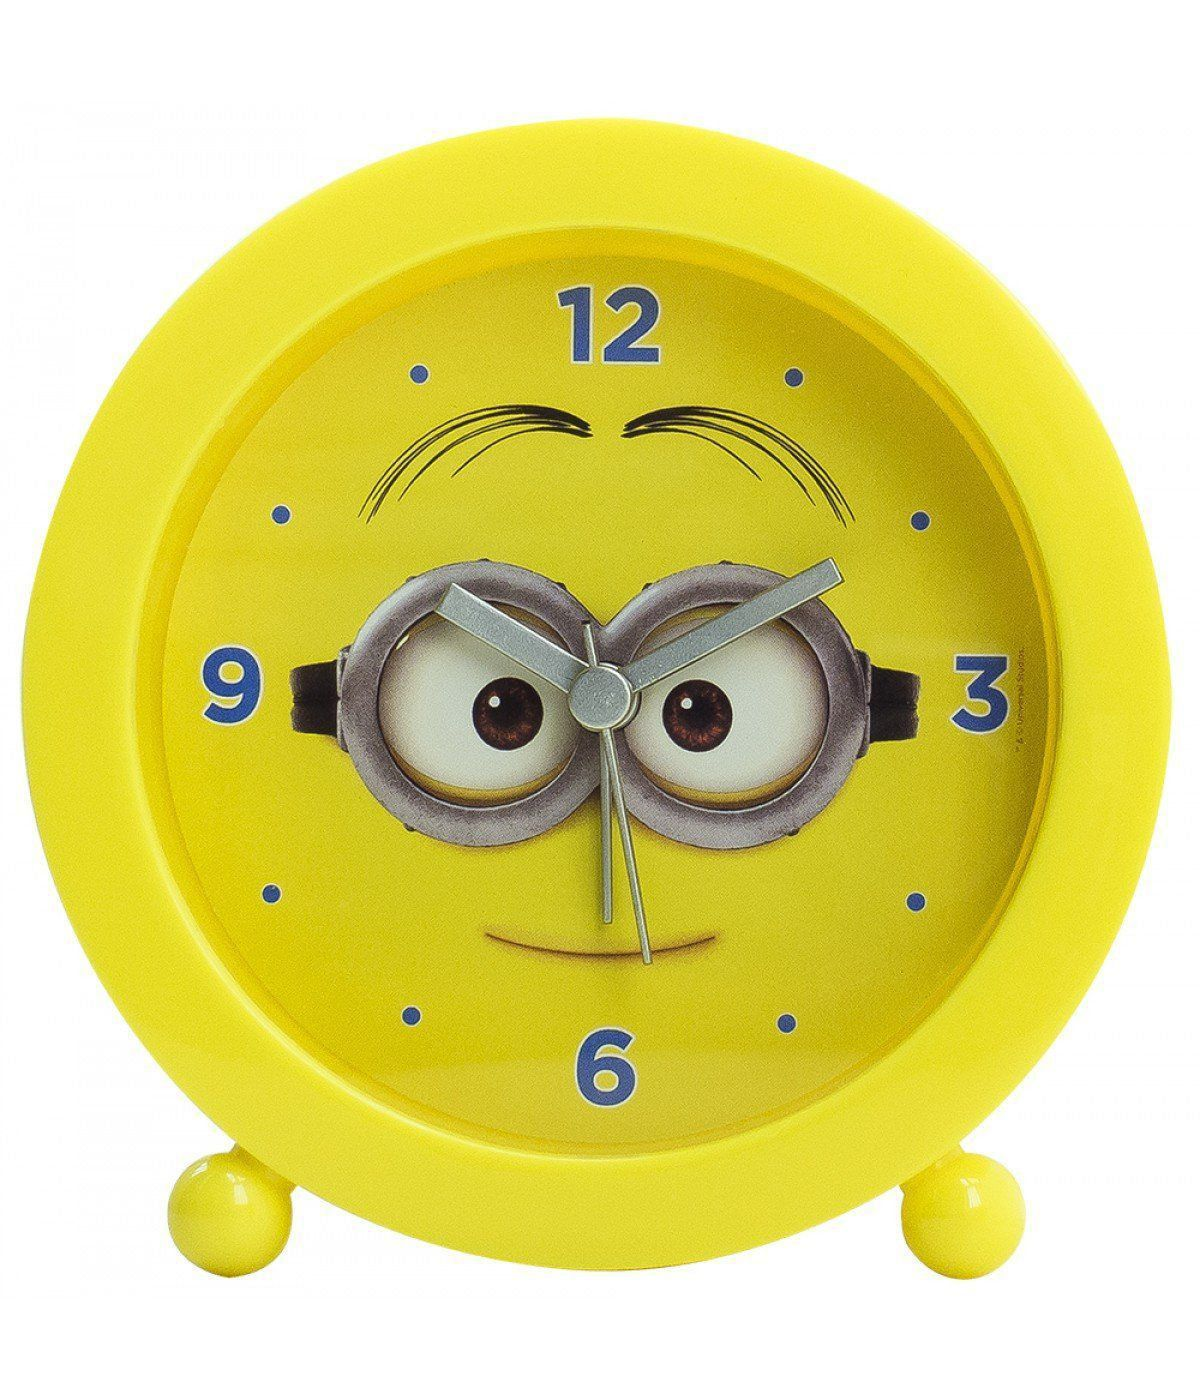 Relógio Despertador Minions (Sorrindo): Meu Malvado Favorito